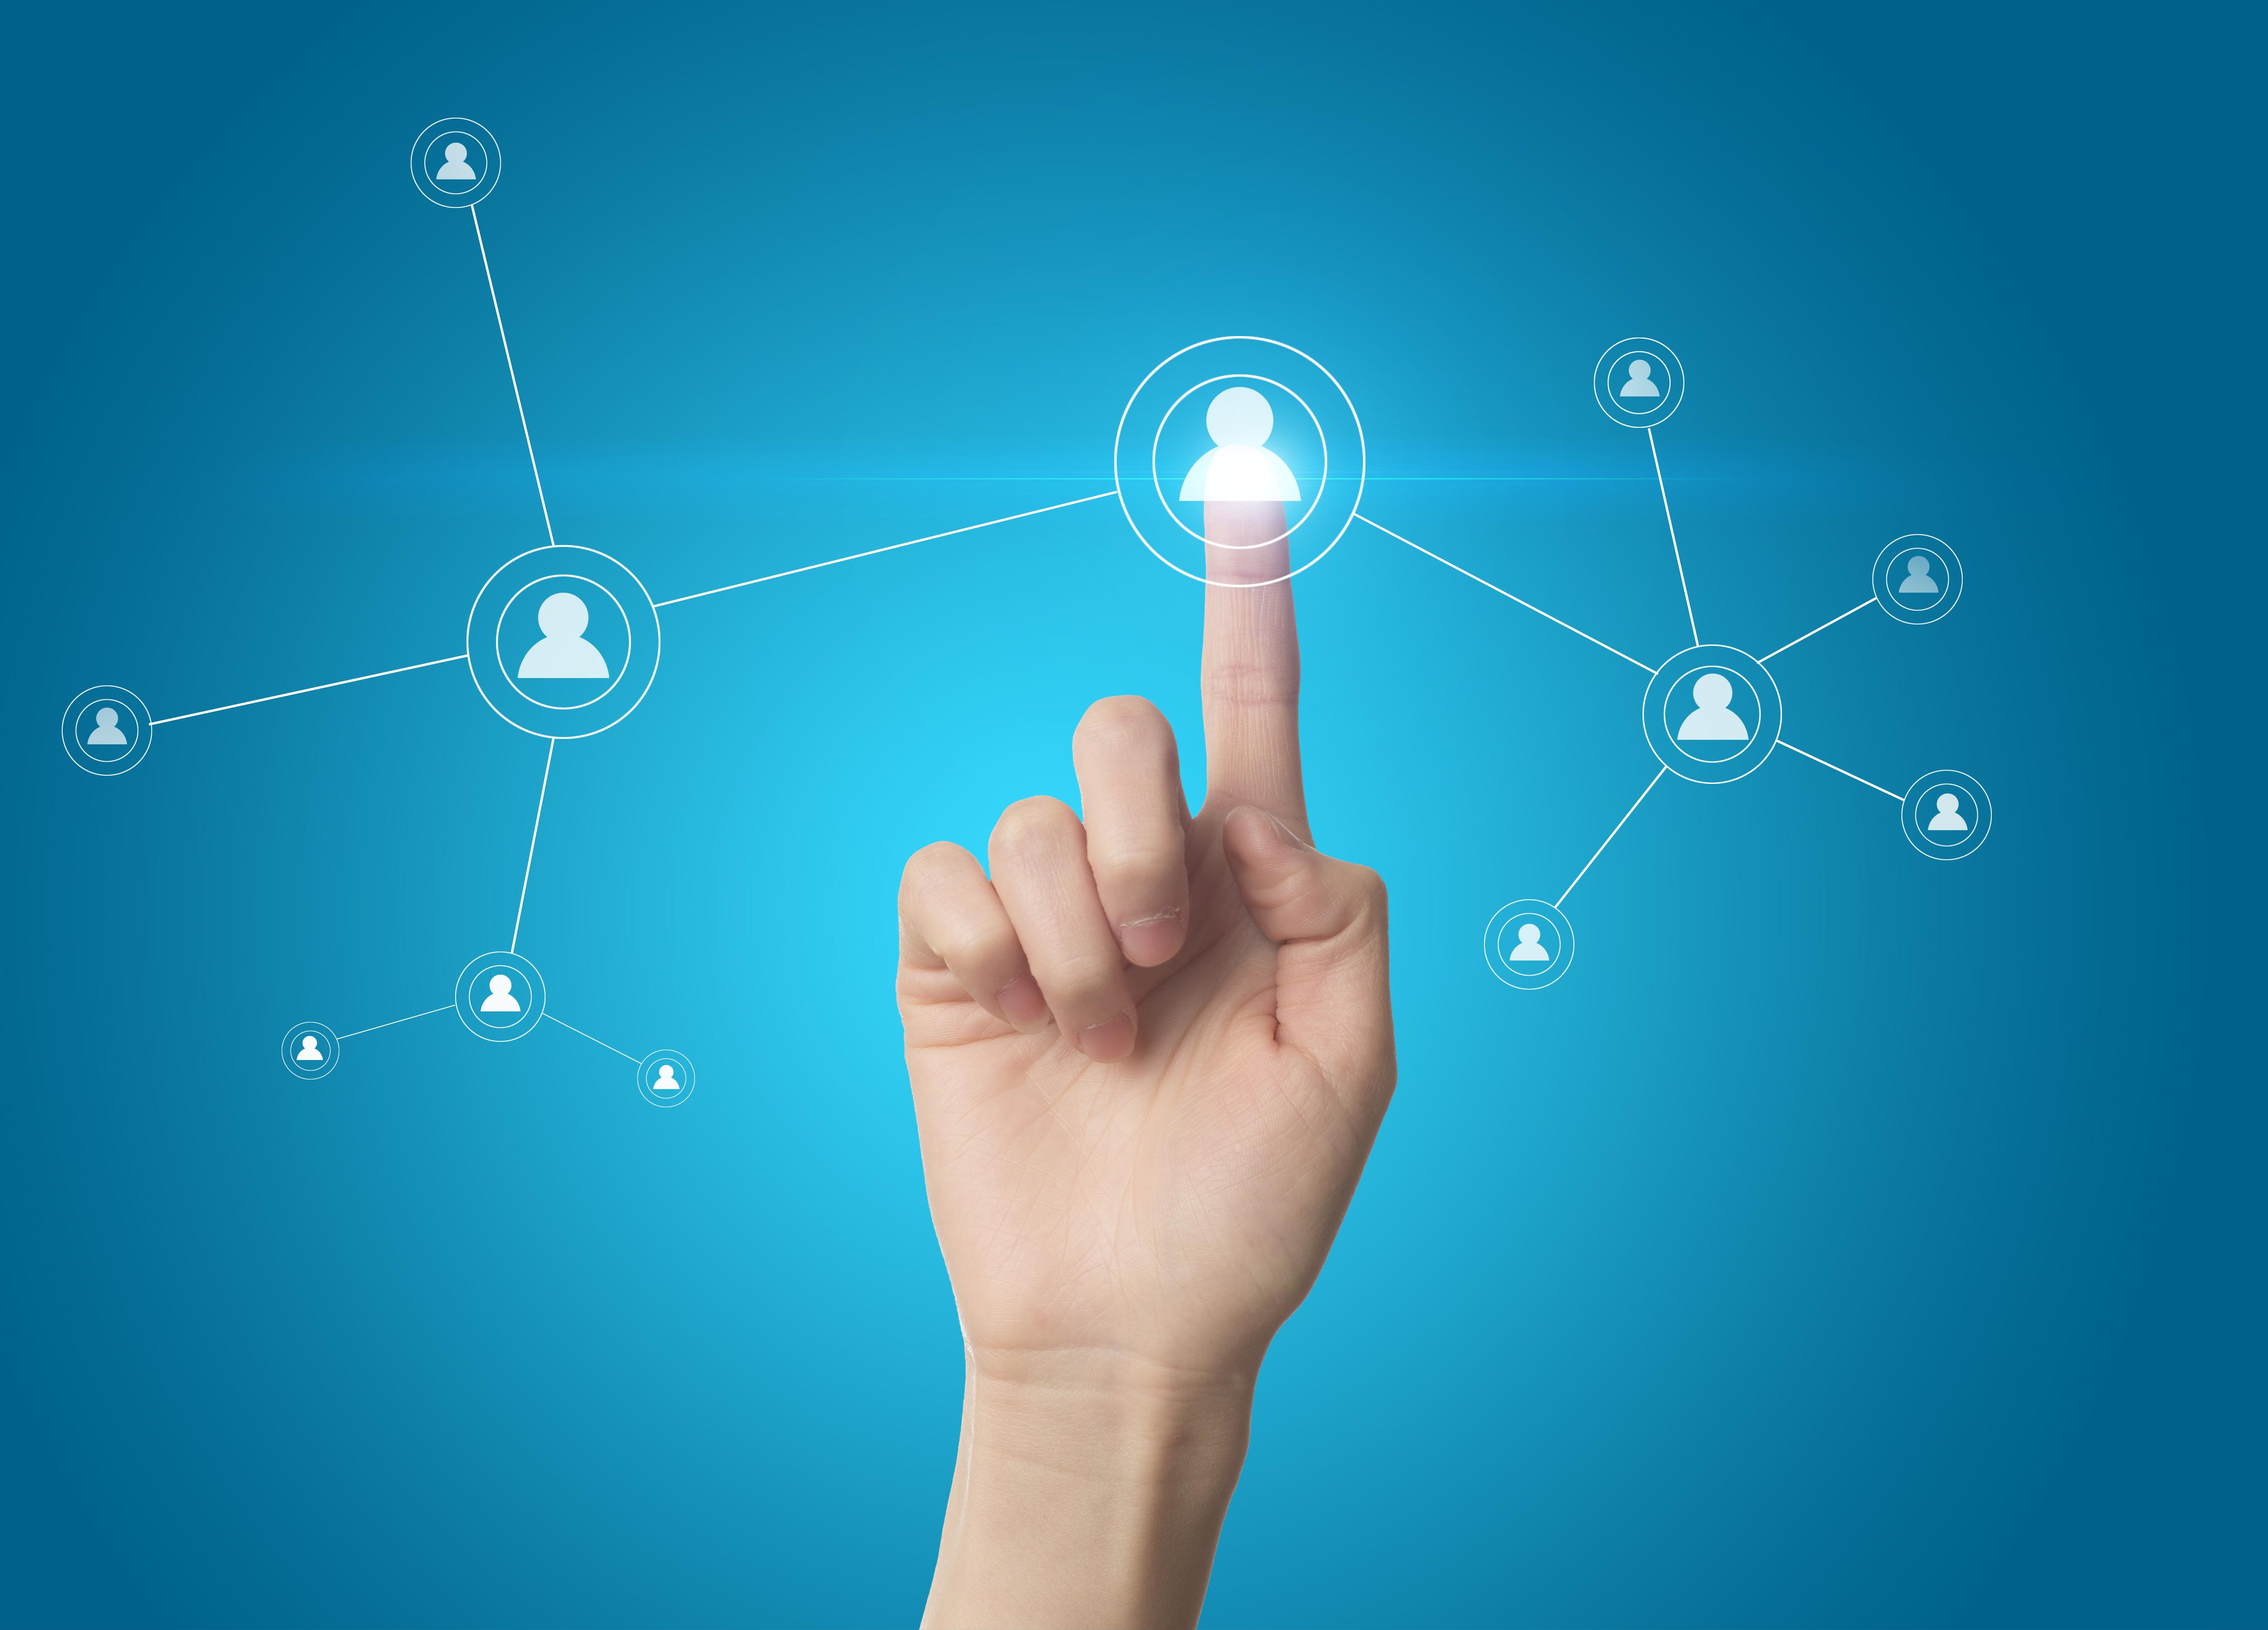 Gestión de accesos: la clave para asegurar los recursos de las organizaciones